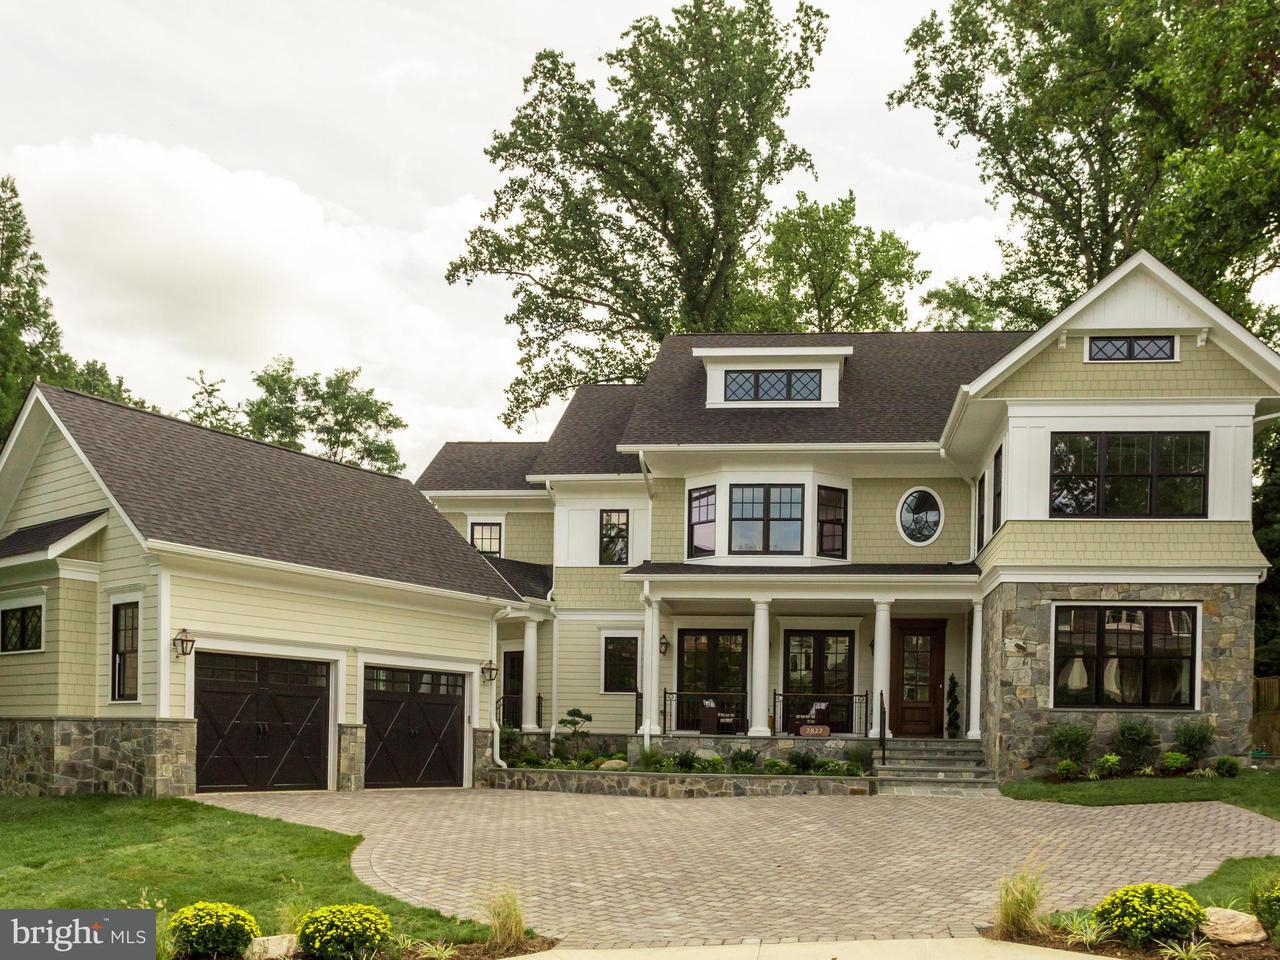 独户住宅 为 销售 在 2822 23rd Rd N 2822 23rd Rd N 阿林顿, 弗吉尼亚州 22201 美国